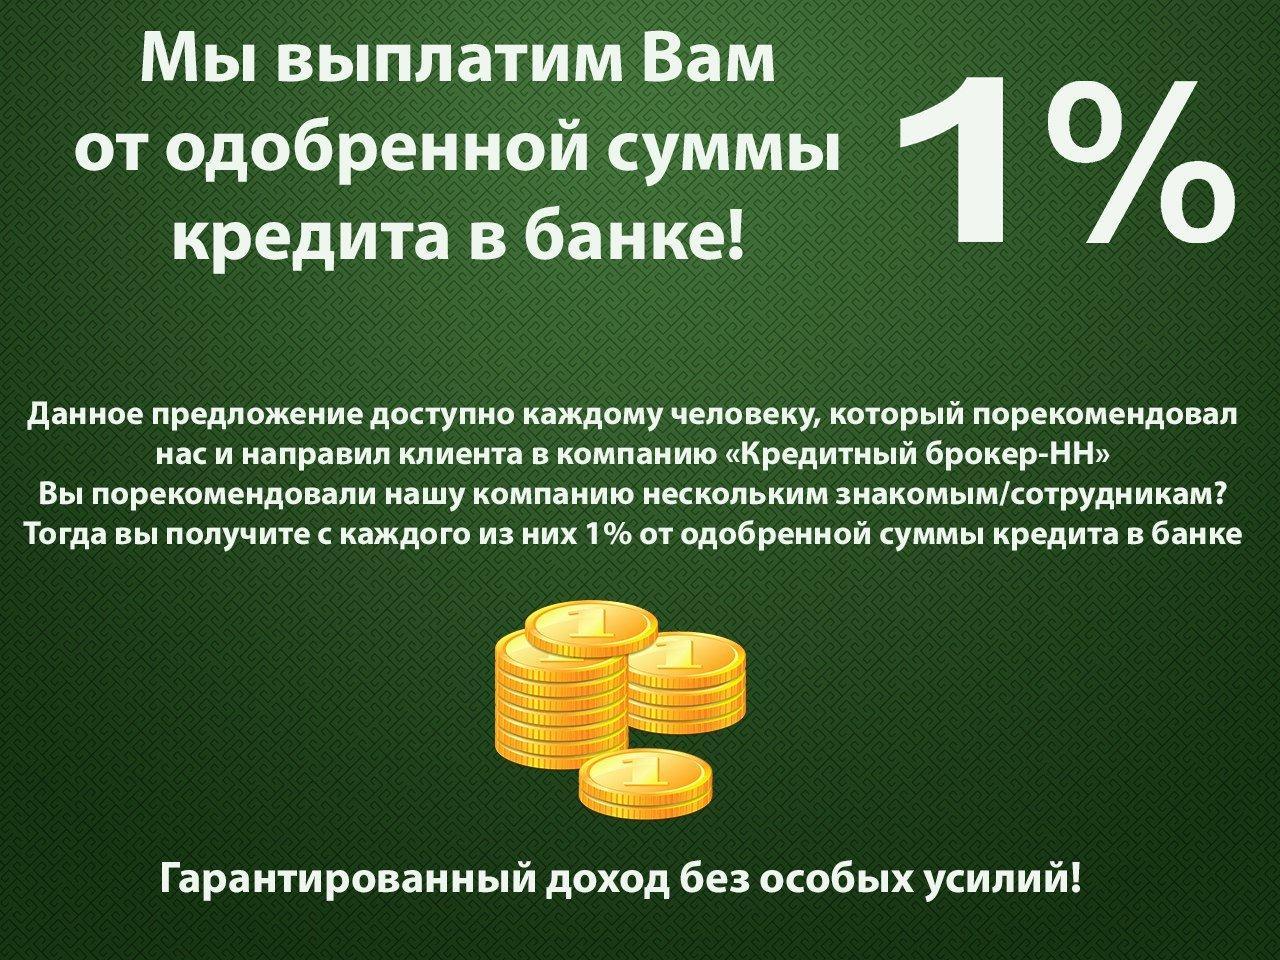 рефинансирование займа под залог недвижимости красноярск